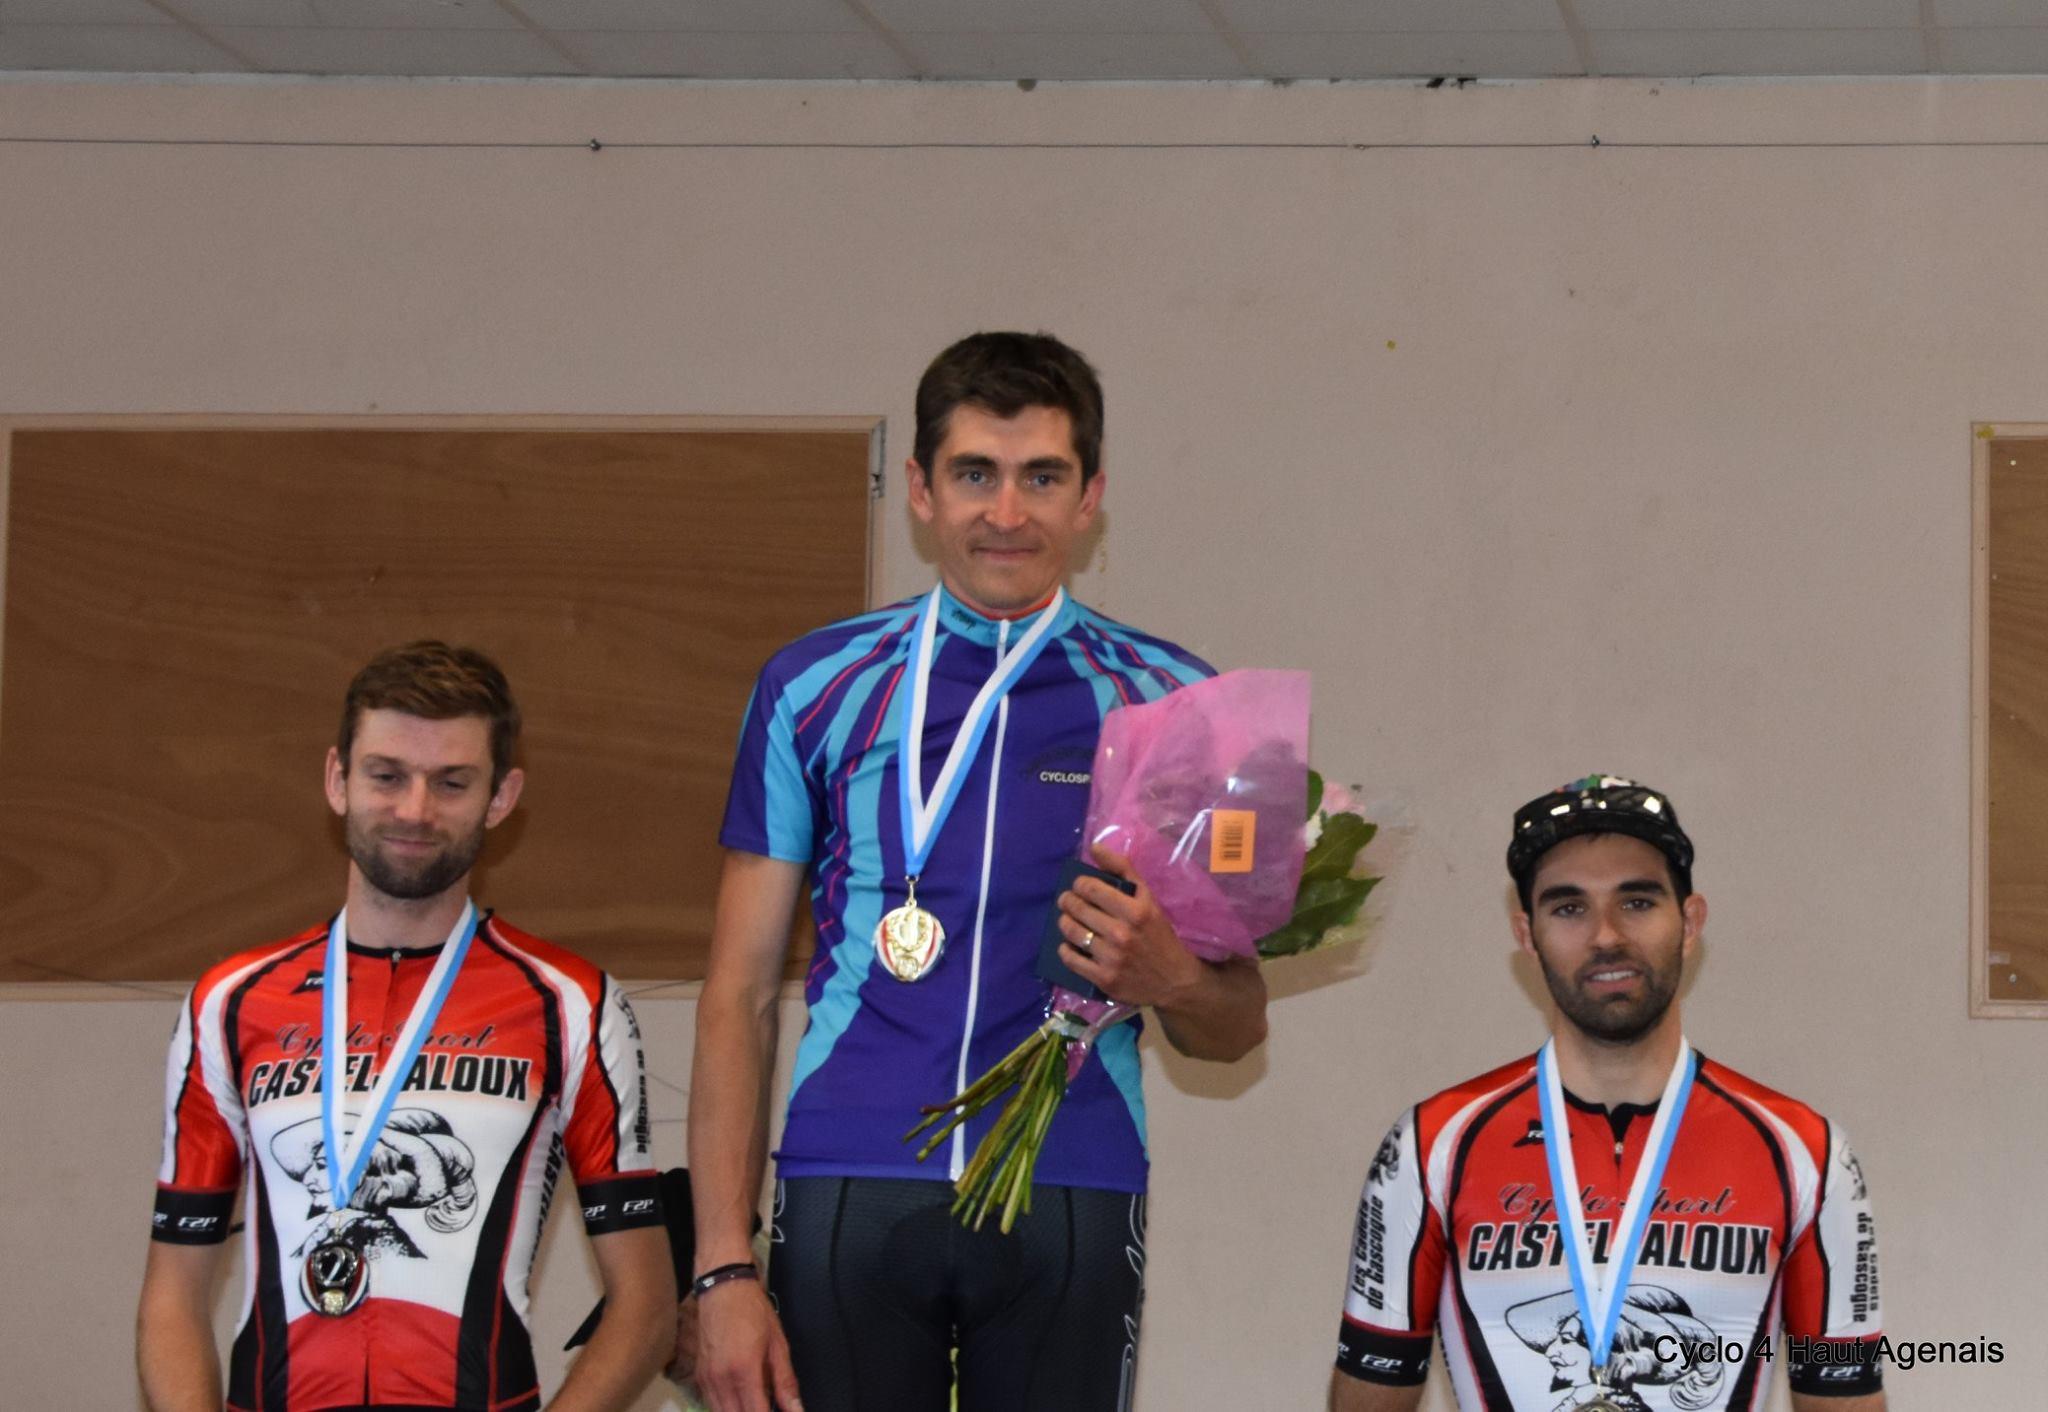 2018-06-03-podiums-3x.jpg